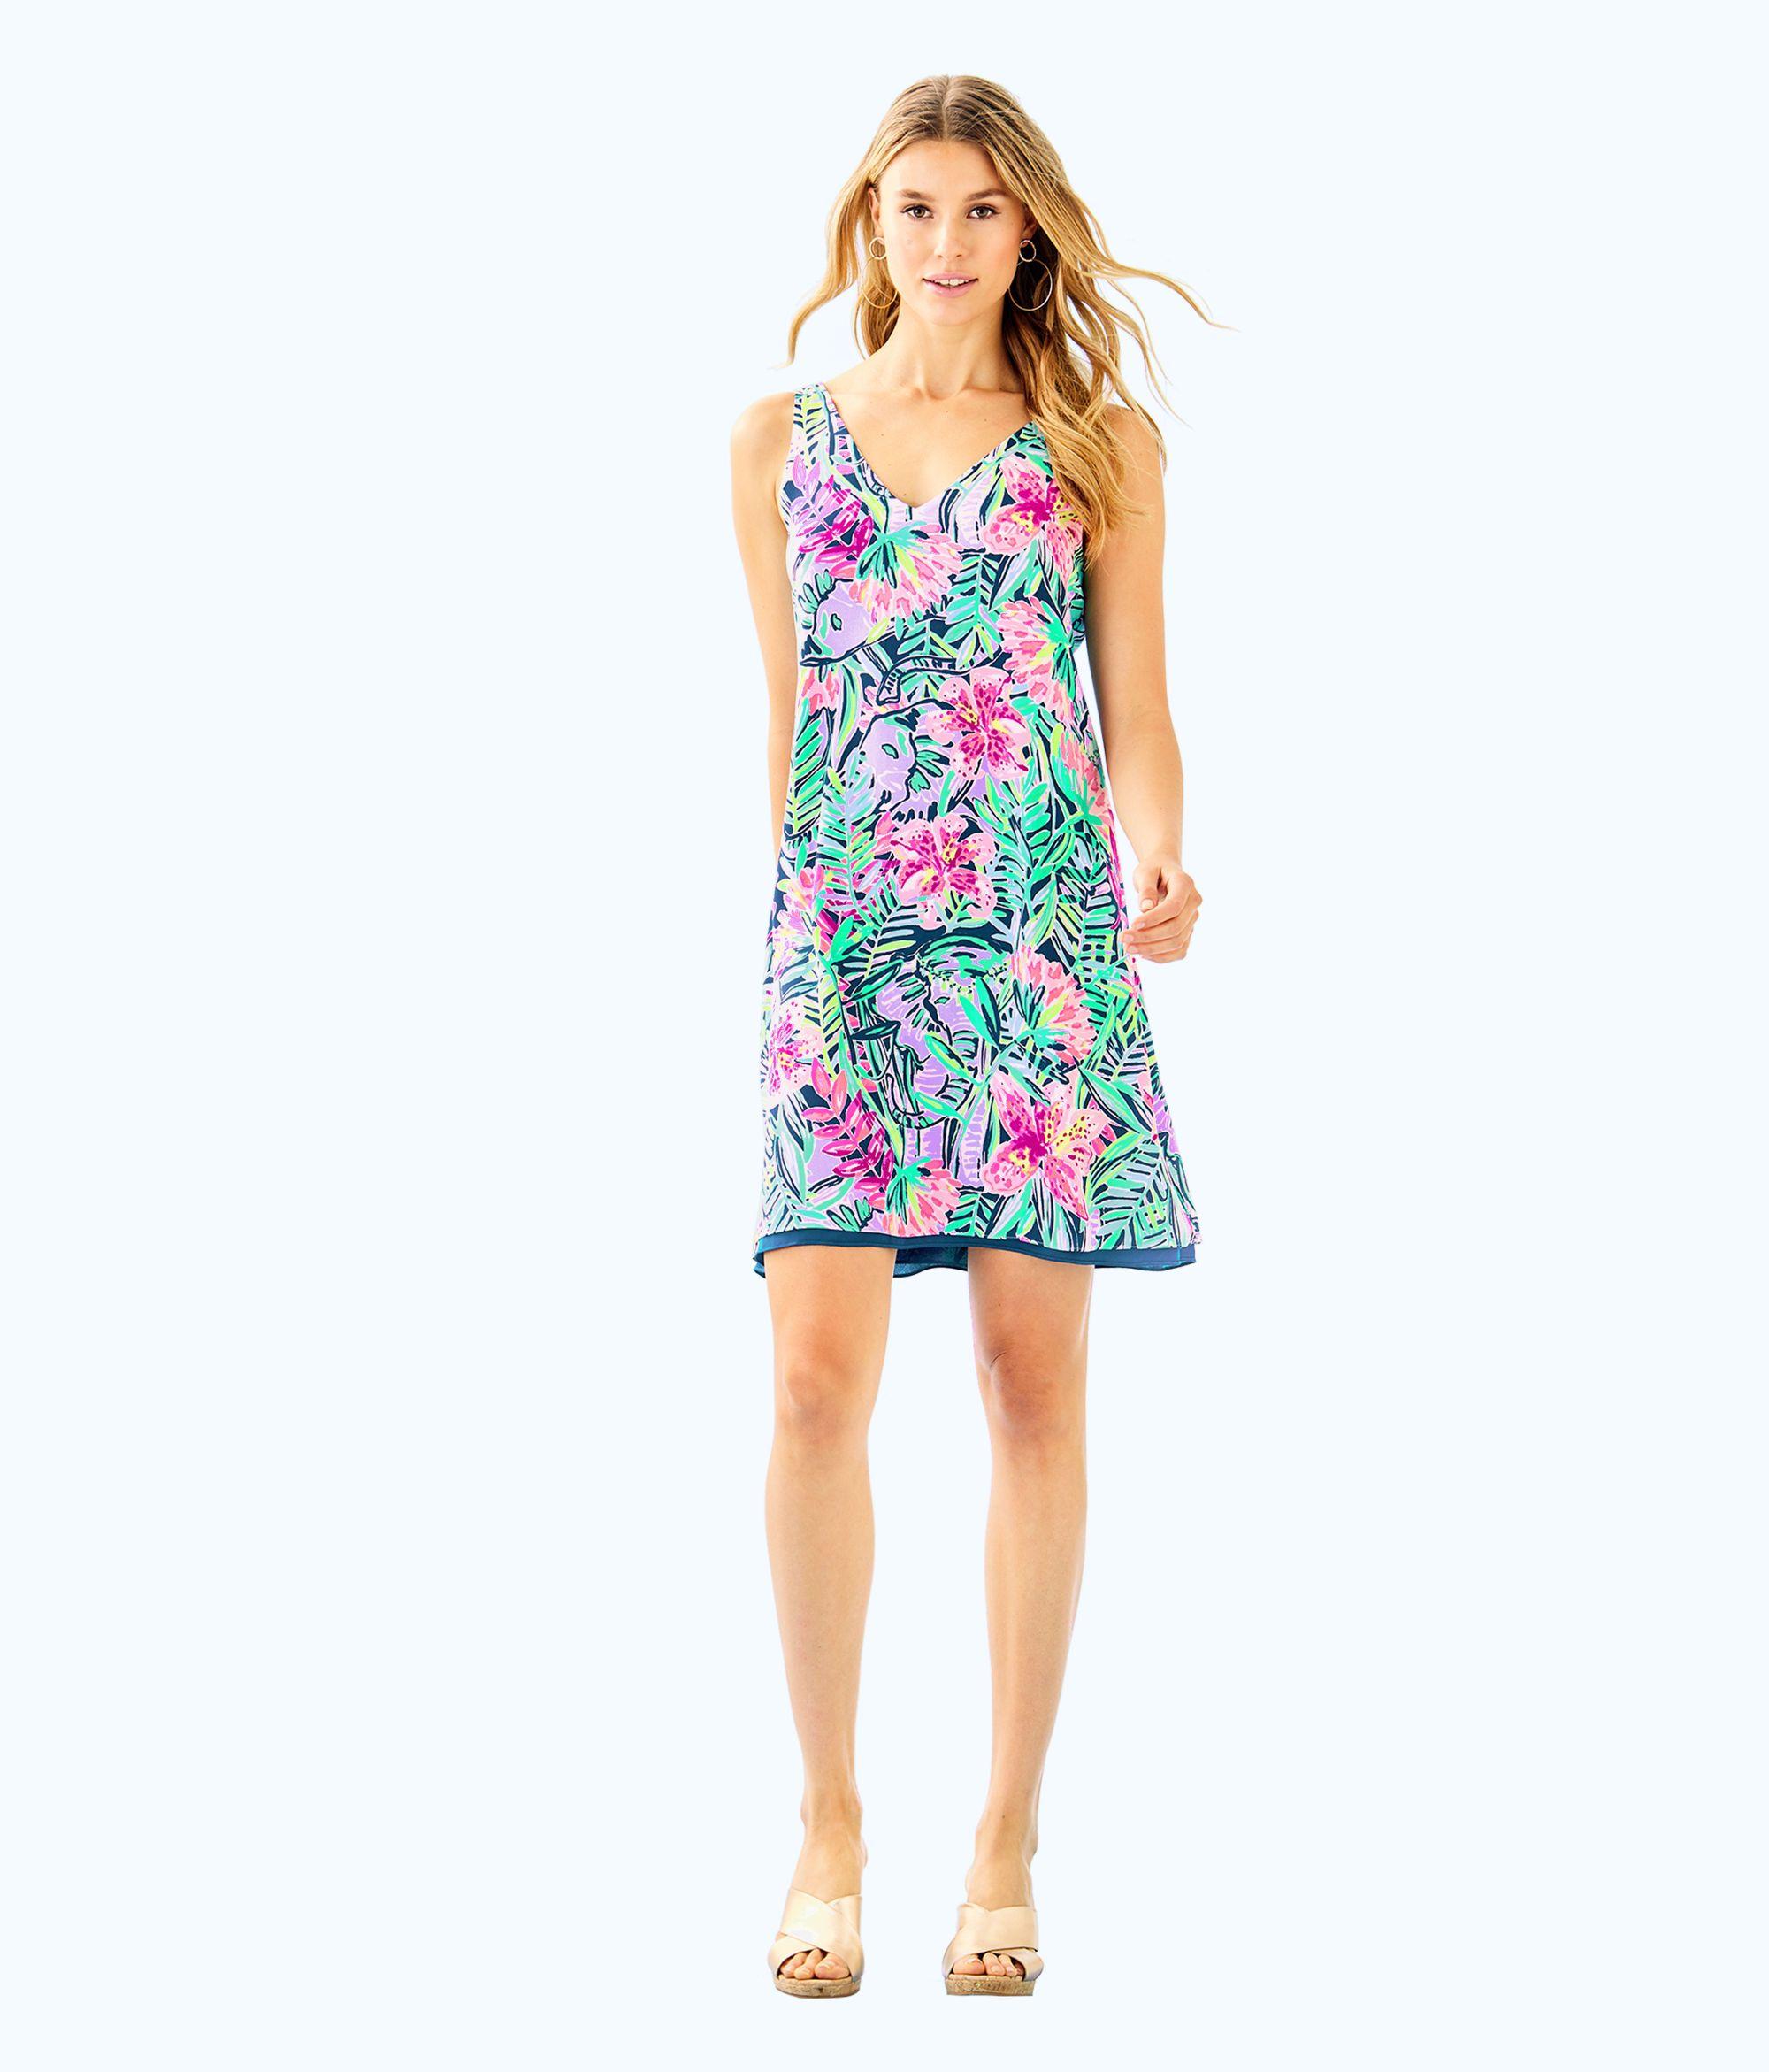 d614474f52bd3 Florin Reversible Sleeveless V-Neck Dress